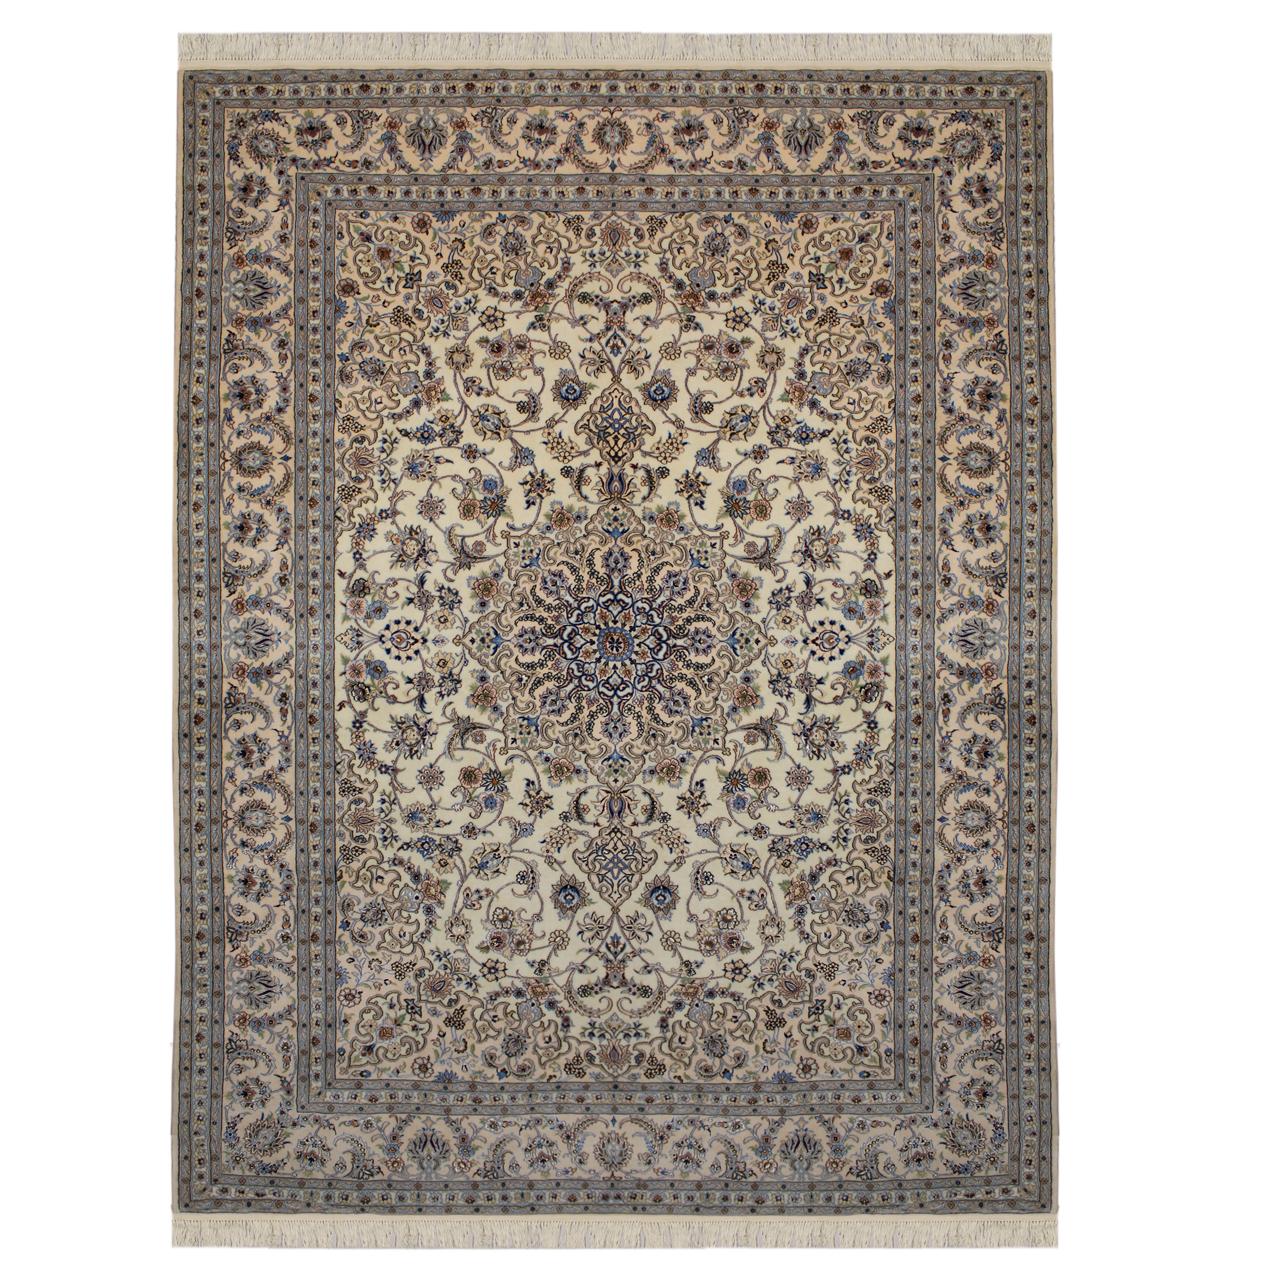 فرش دستبافت نه و نیم متری کد 211 یک جفت